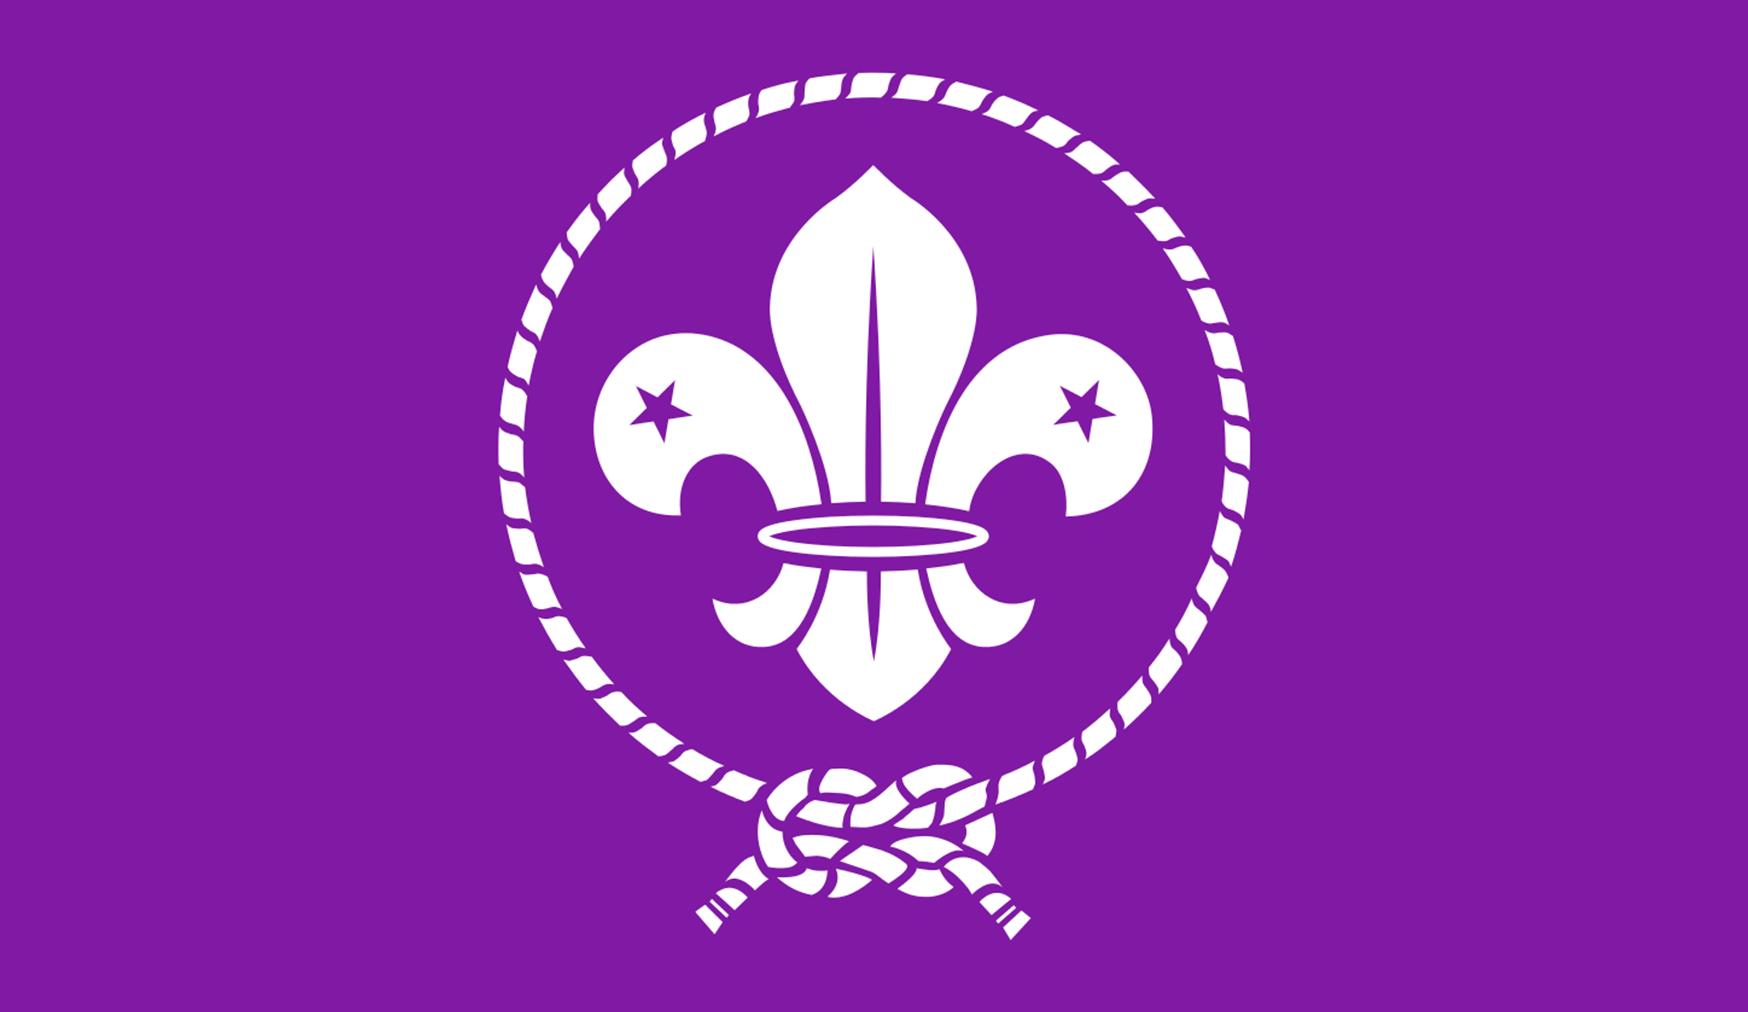 Bandeira da WOSM ficará hasteada durante o mês de abril na Câmara Municipal de São Paulo